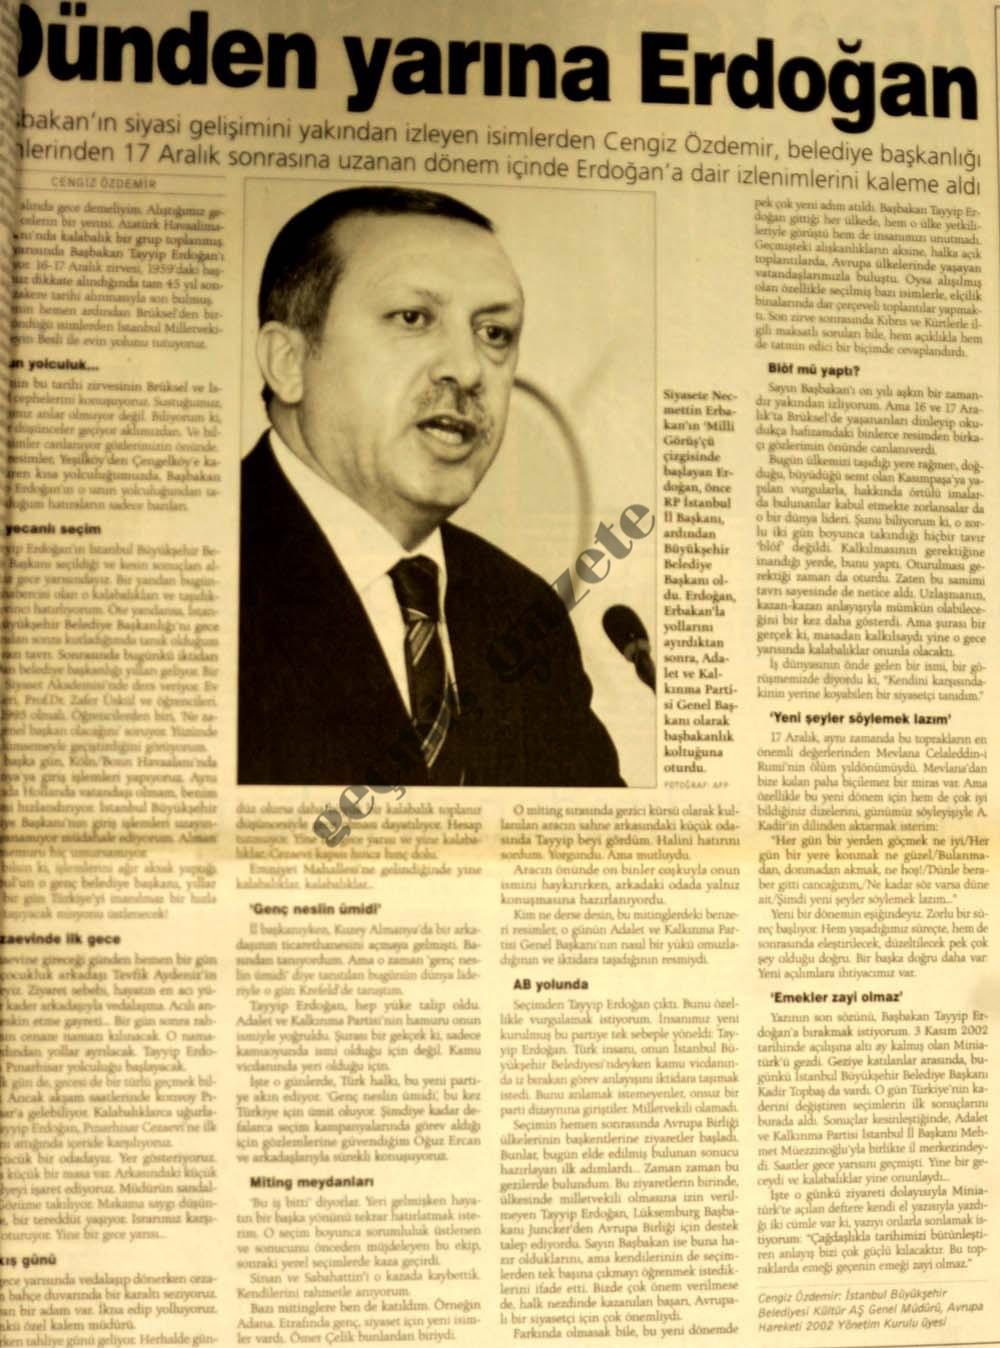 Dünden yarına Erdoğan